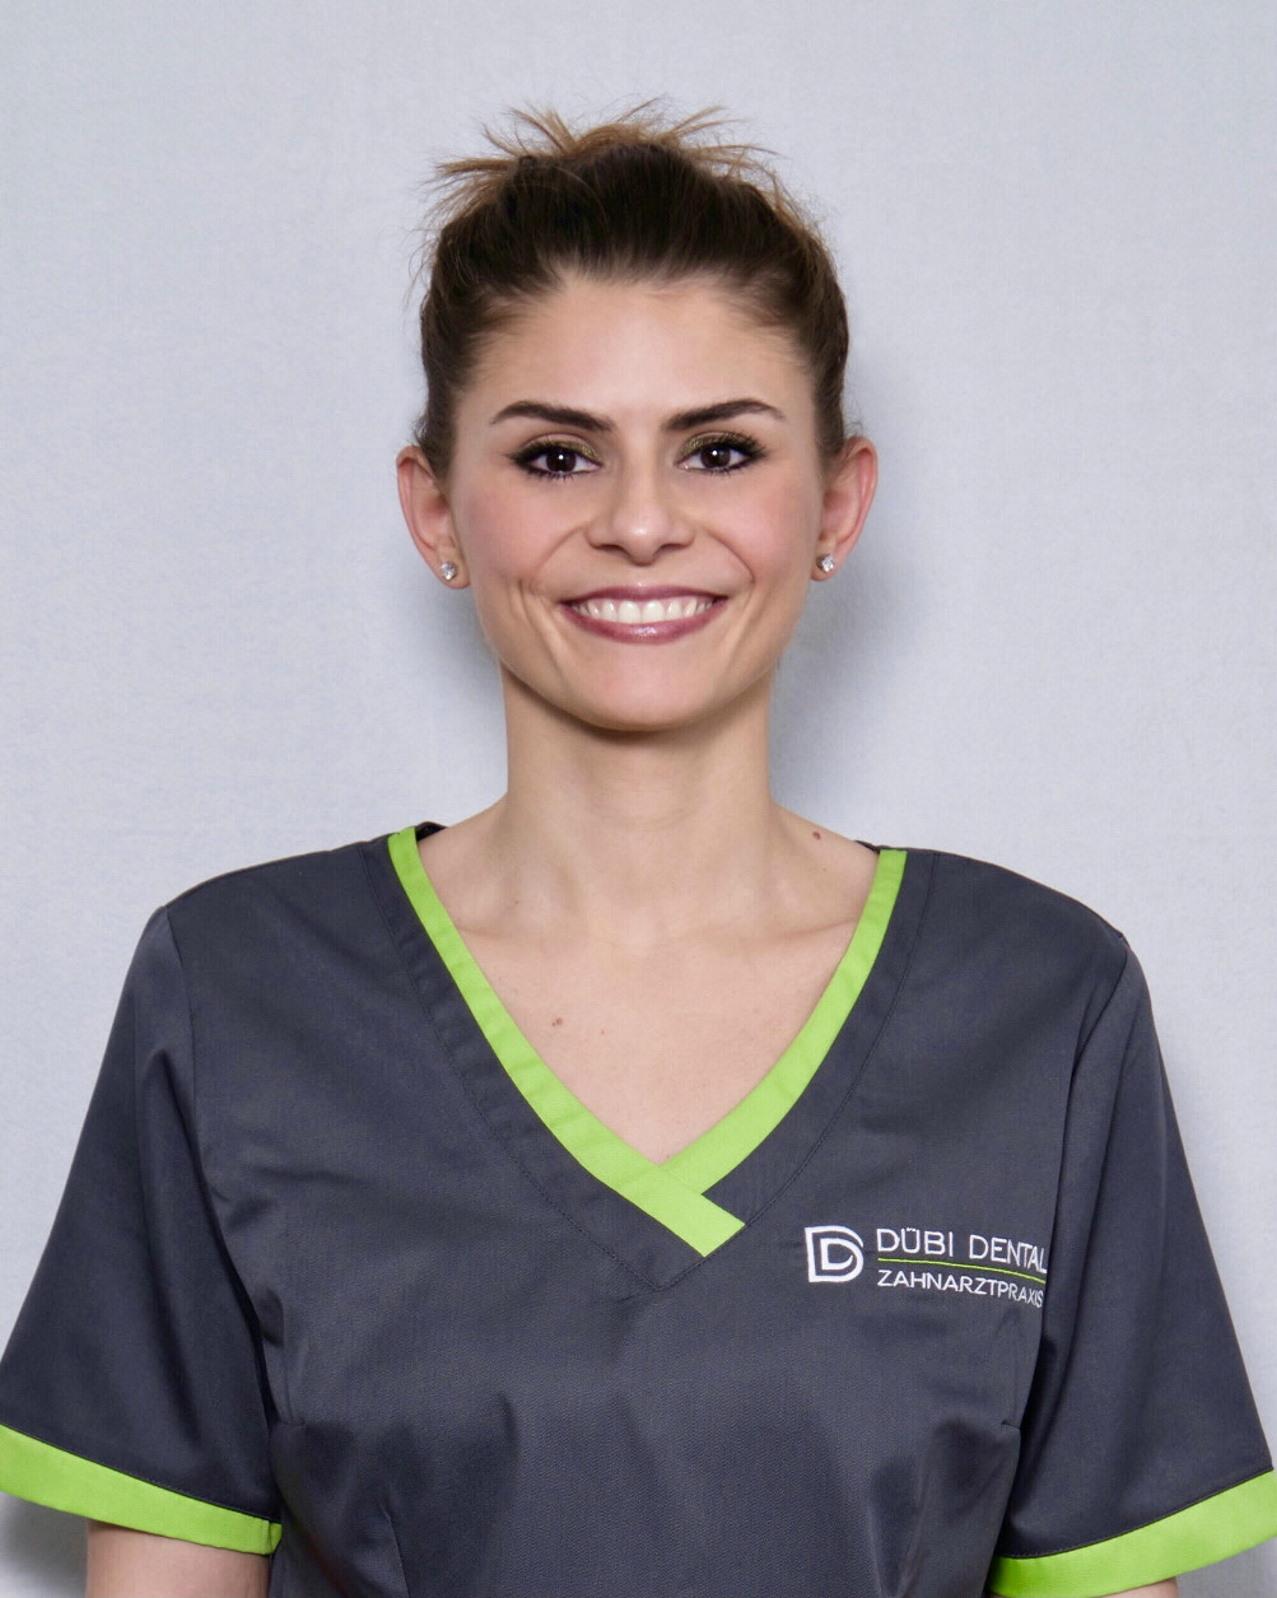 Mitarbeiterin Zahnarzt Dübendorf